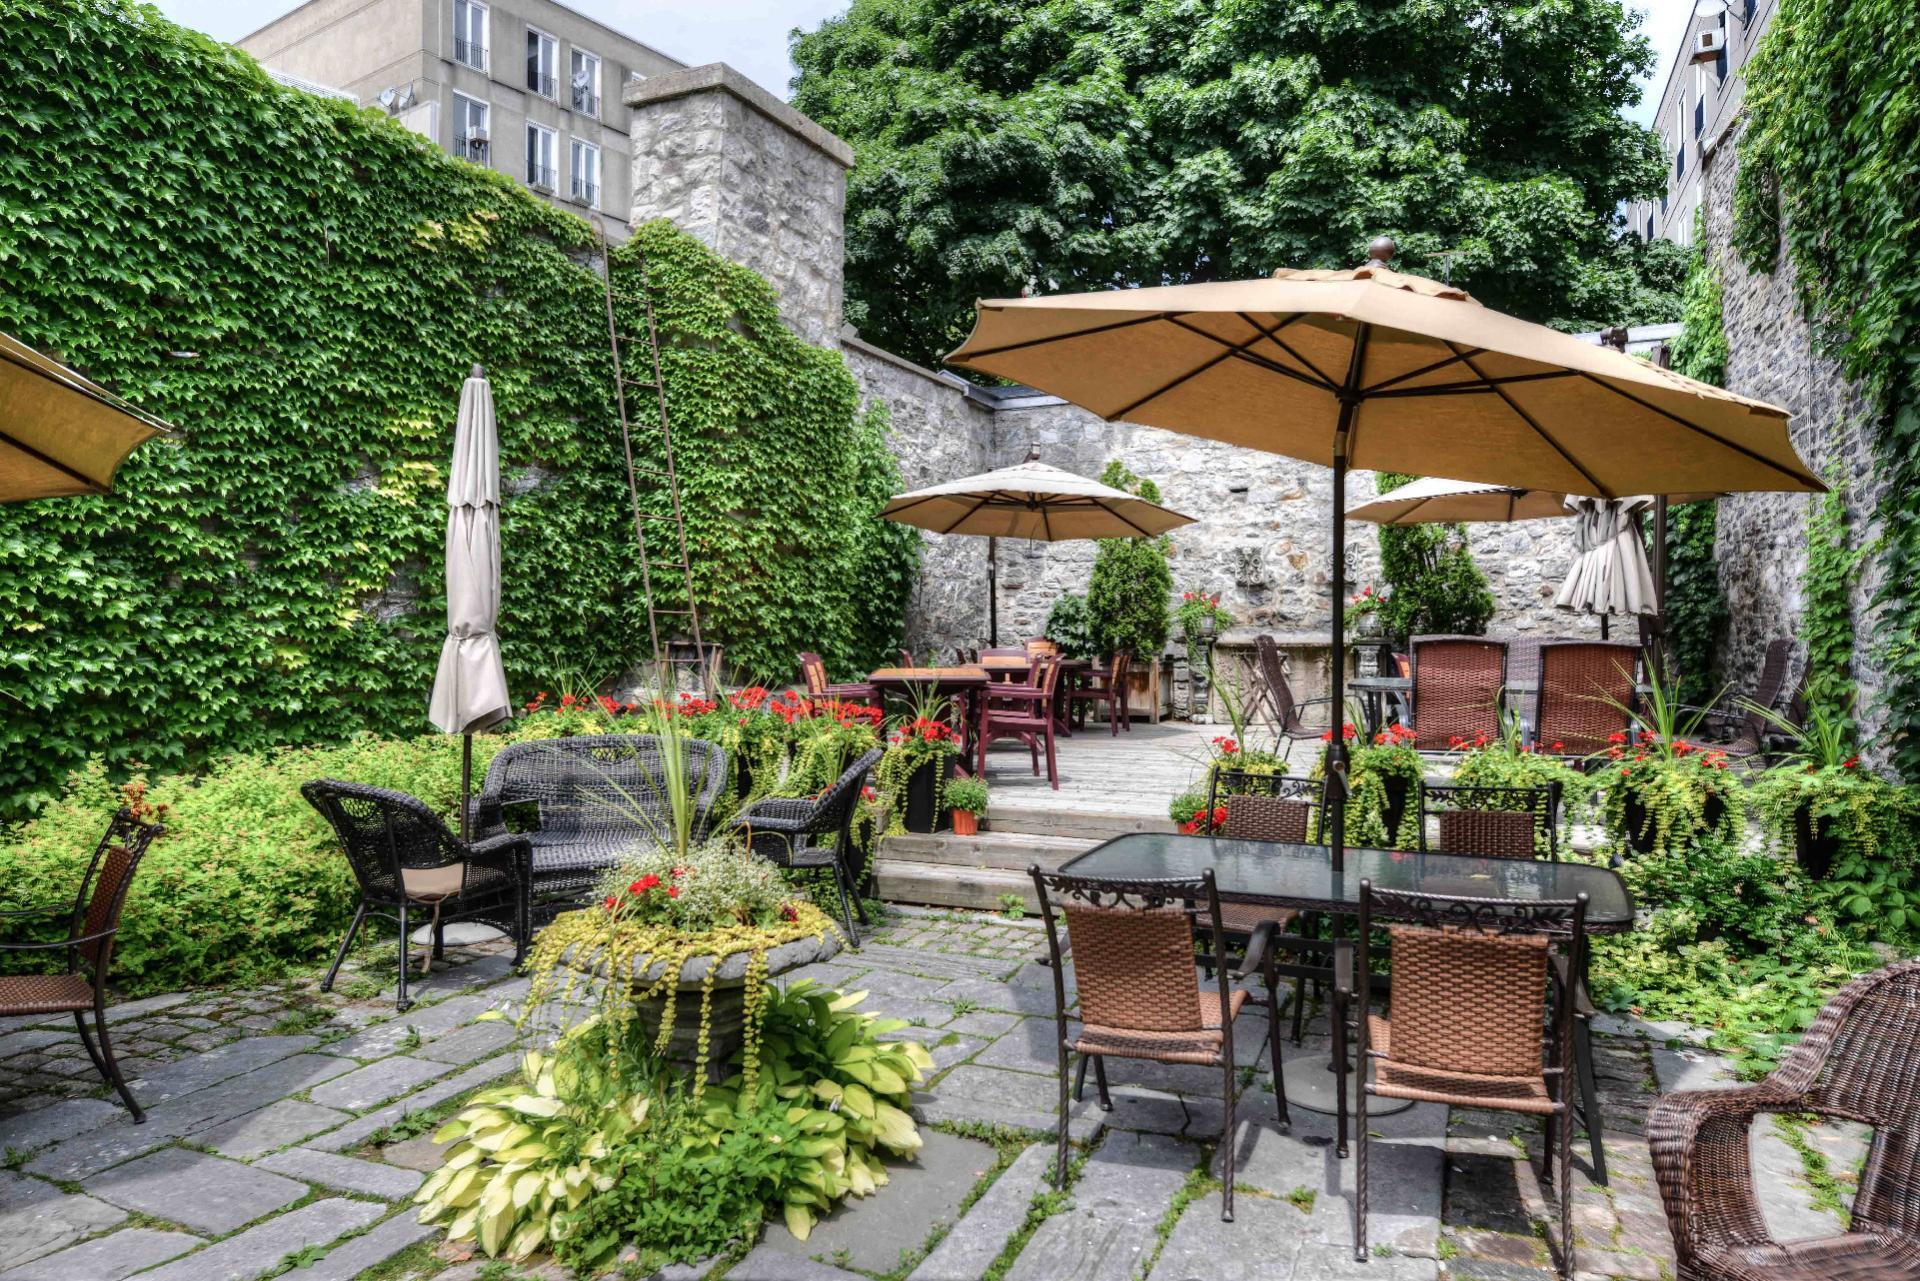 Chateau-Vieux-Montreal-Quebec-Vendre-Design-05